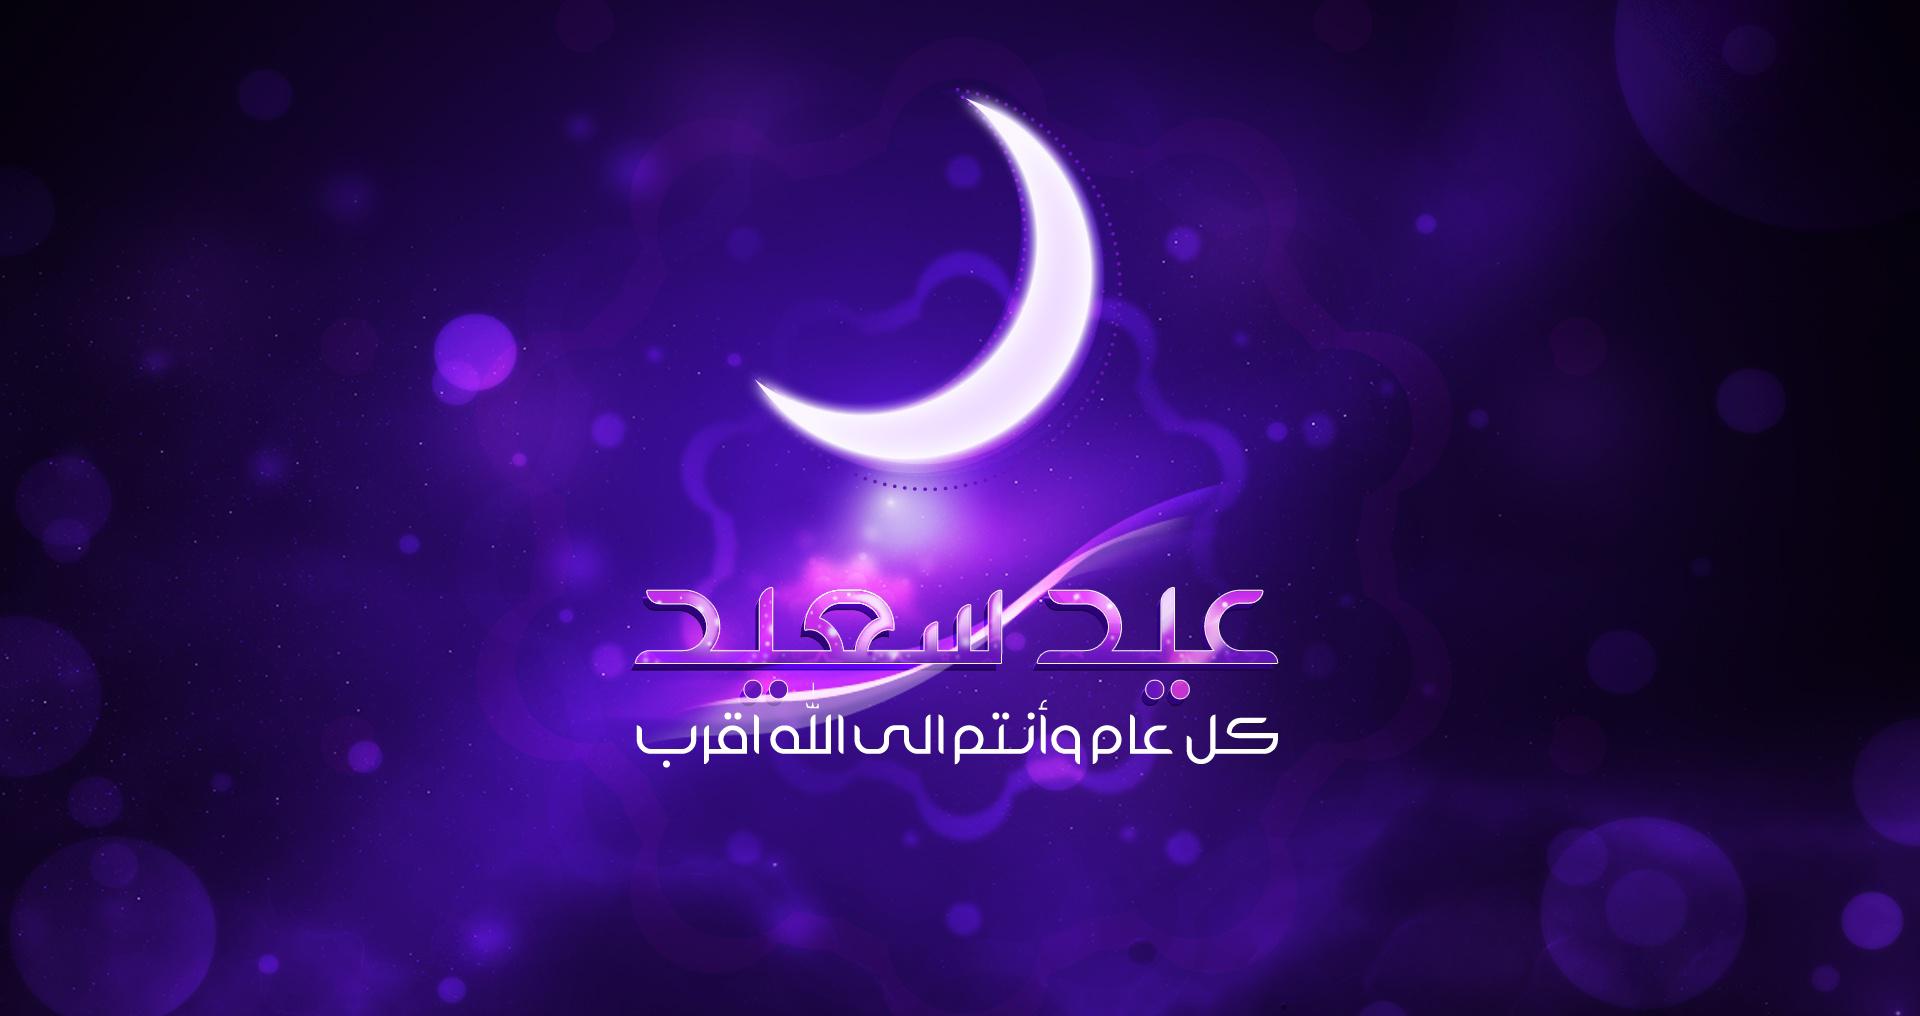 جمعية علوم الفلك تُعلن الجمعة أوّل أيّام عيد الفطر